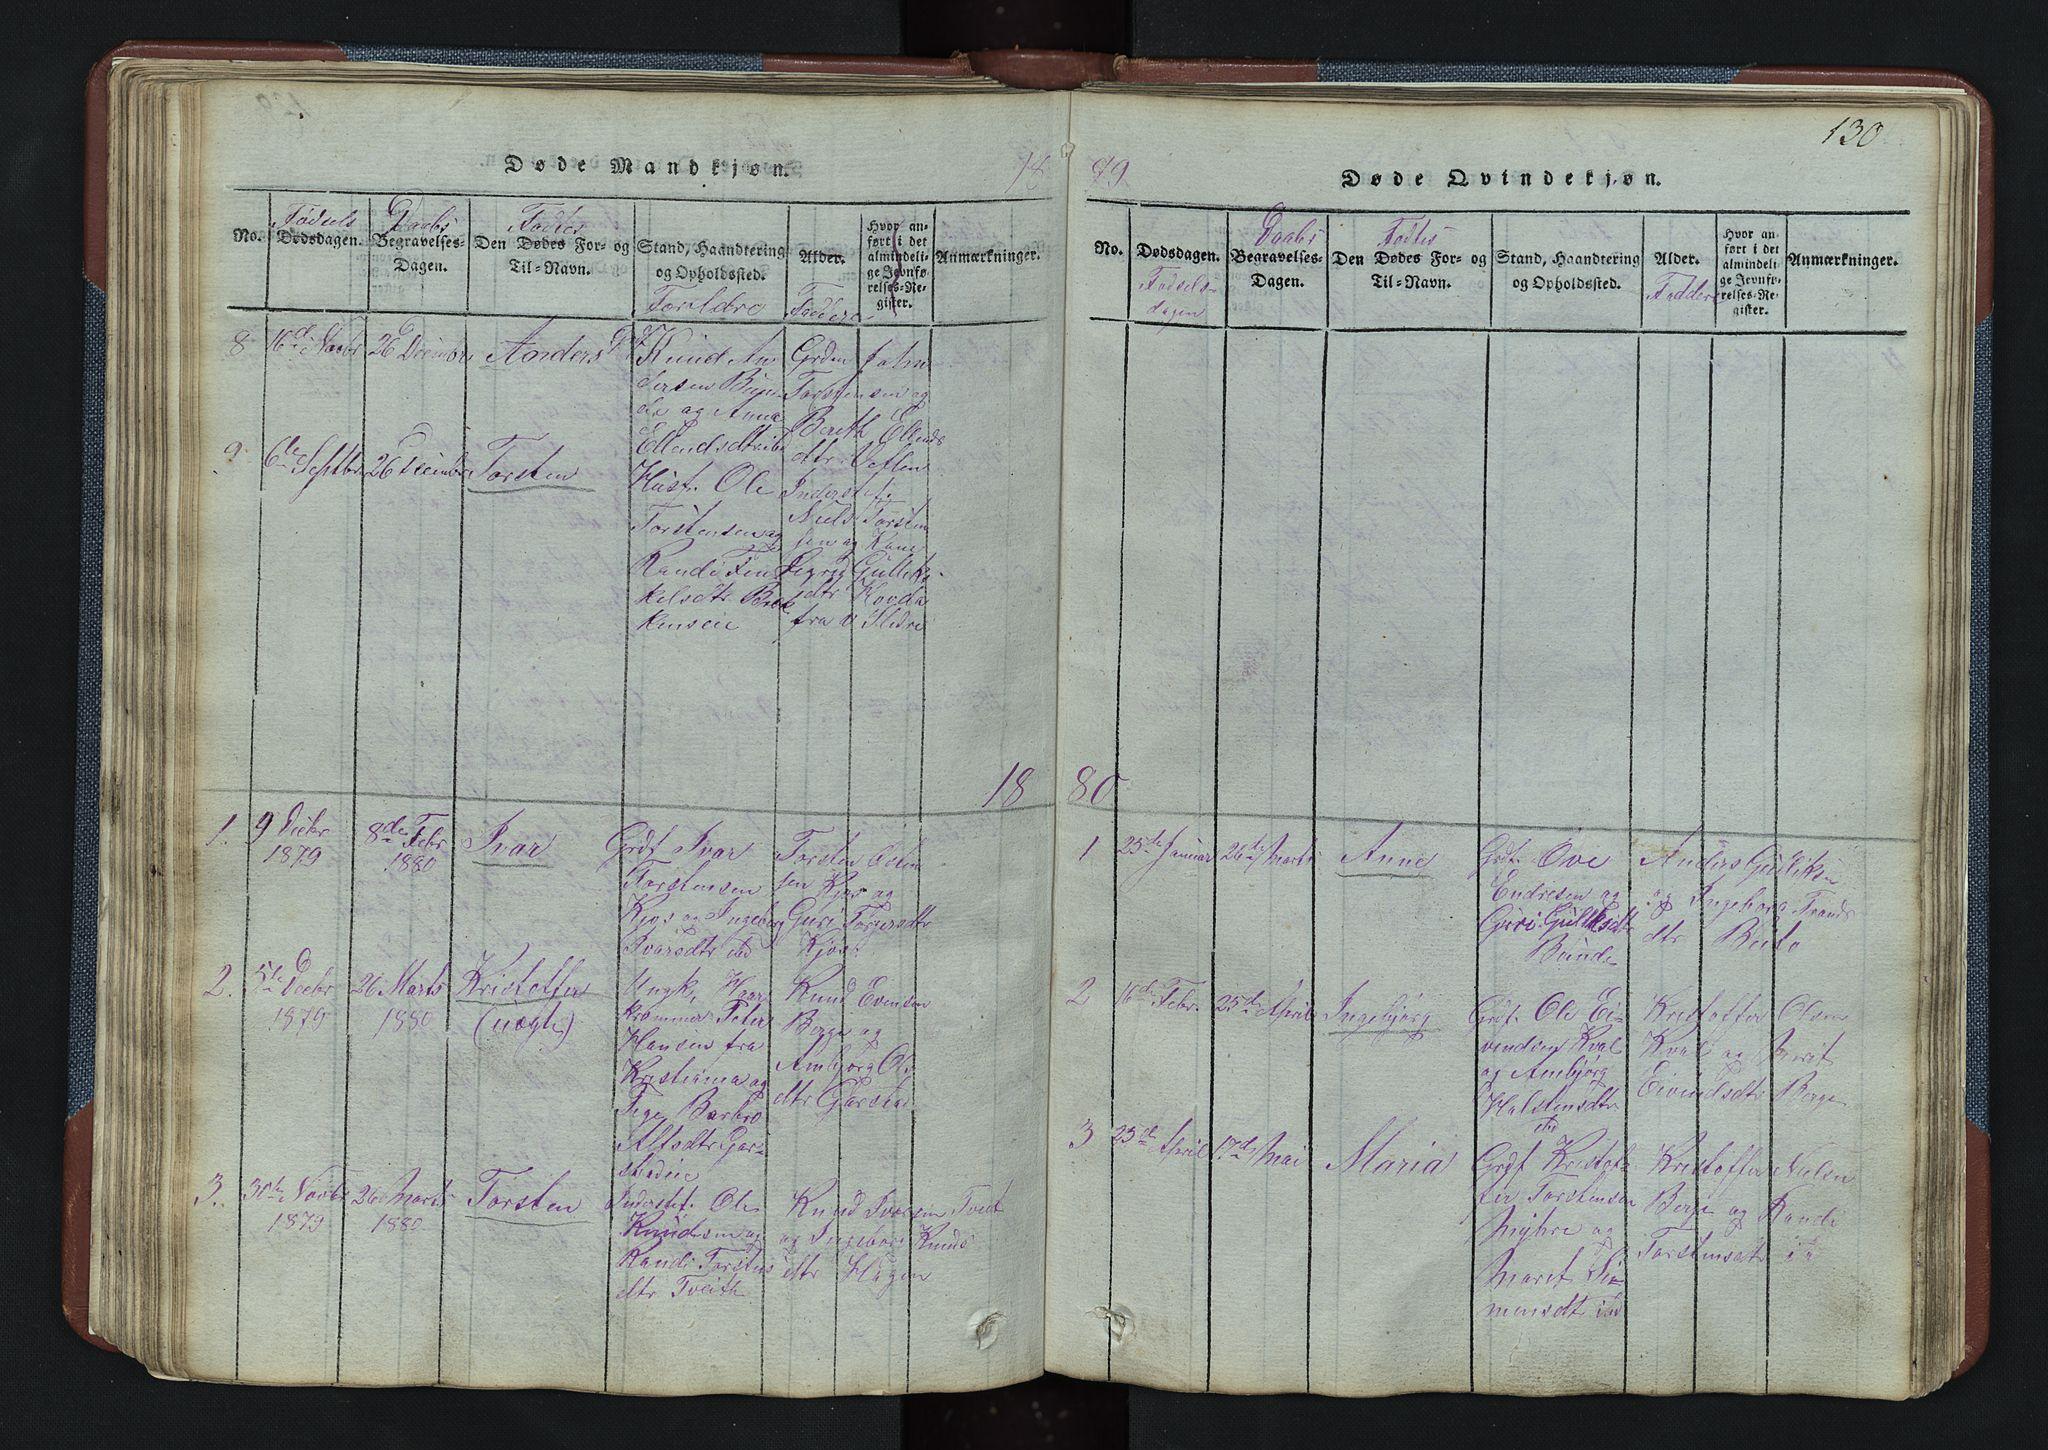 SAH, Vang prestekontor, Valdres, Klokkerbok nr. 3, 1814-1892, s. 130